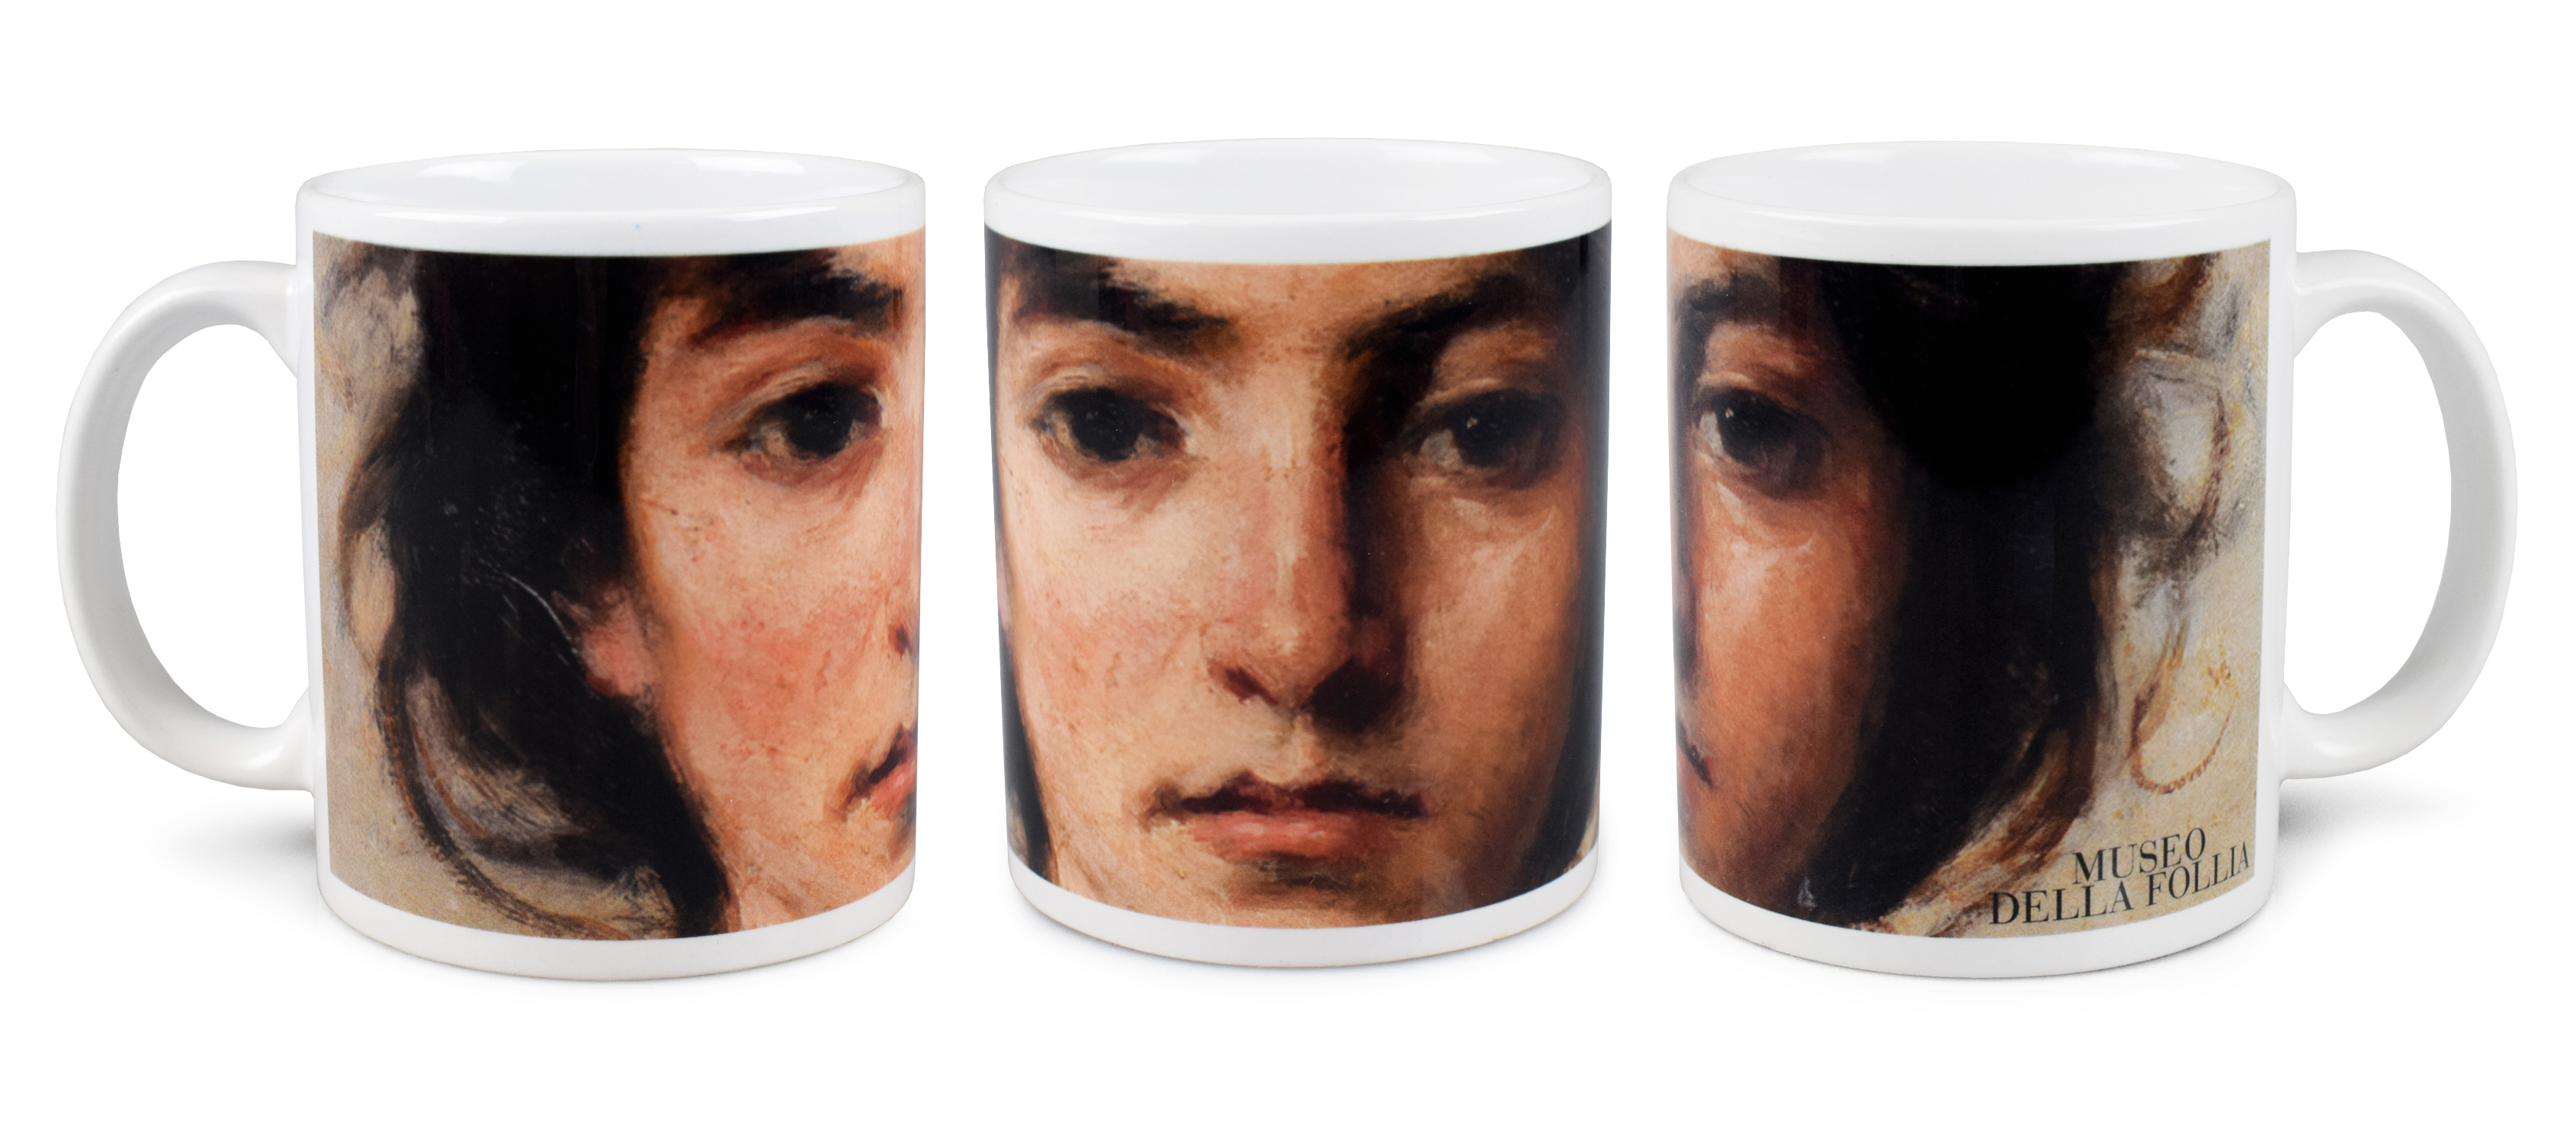 tazza-personalizzata-museo-della-follia